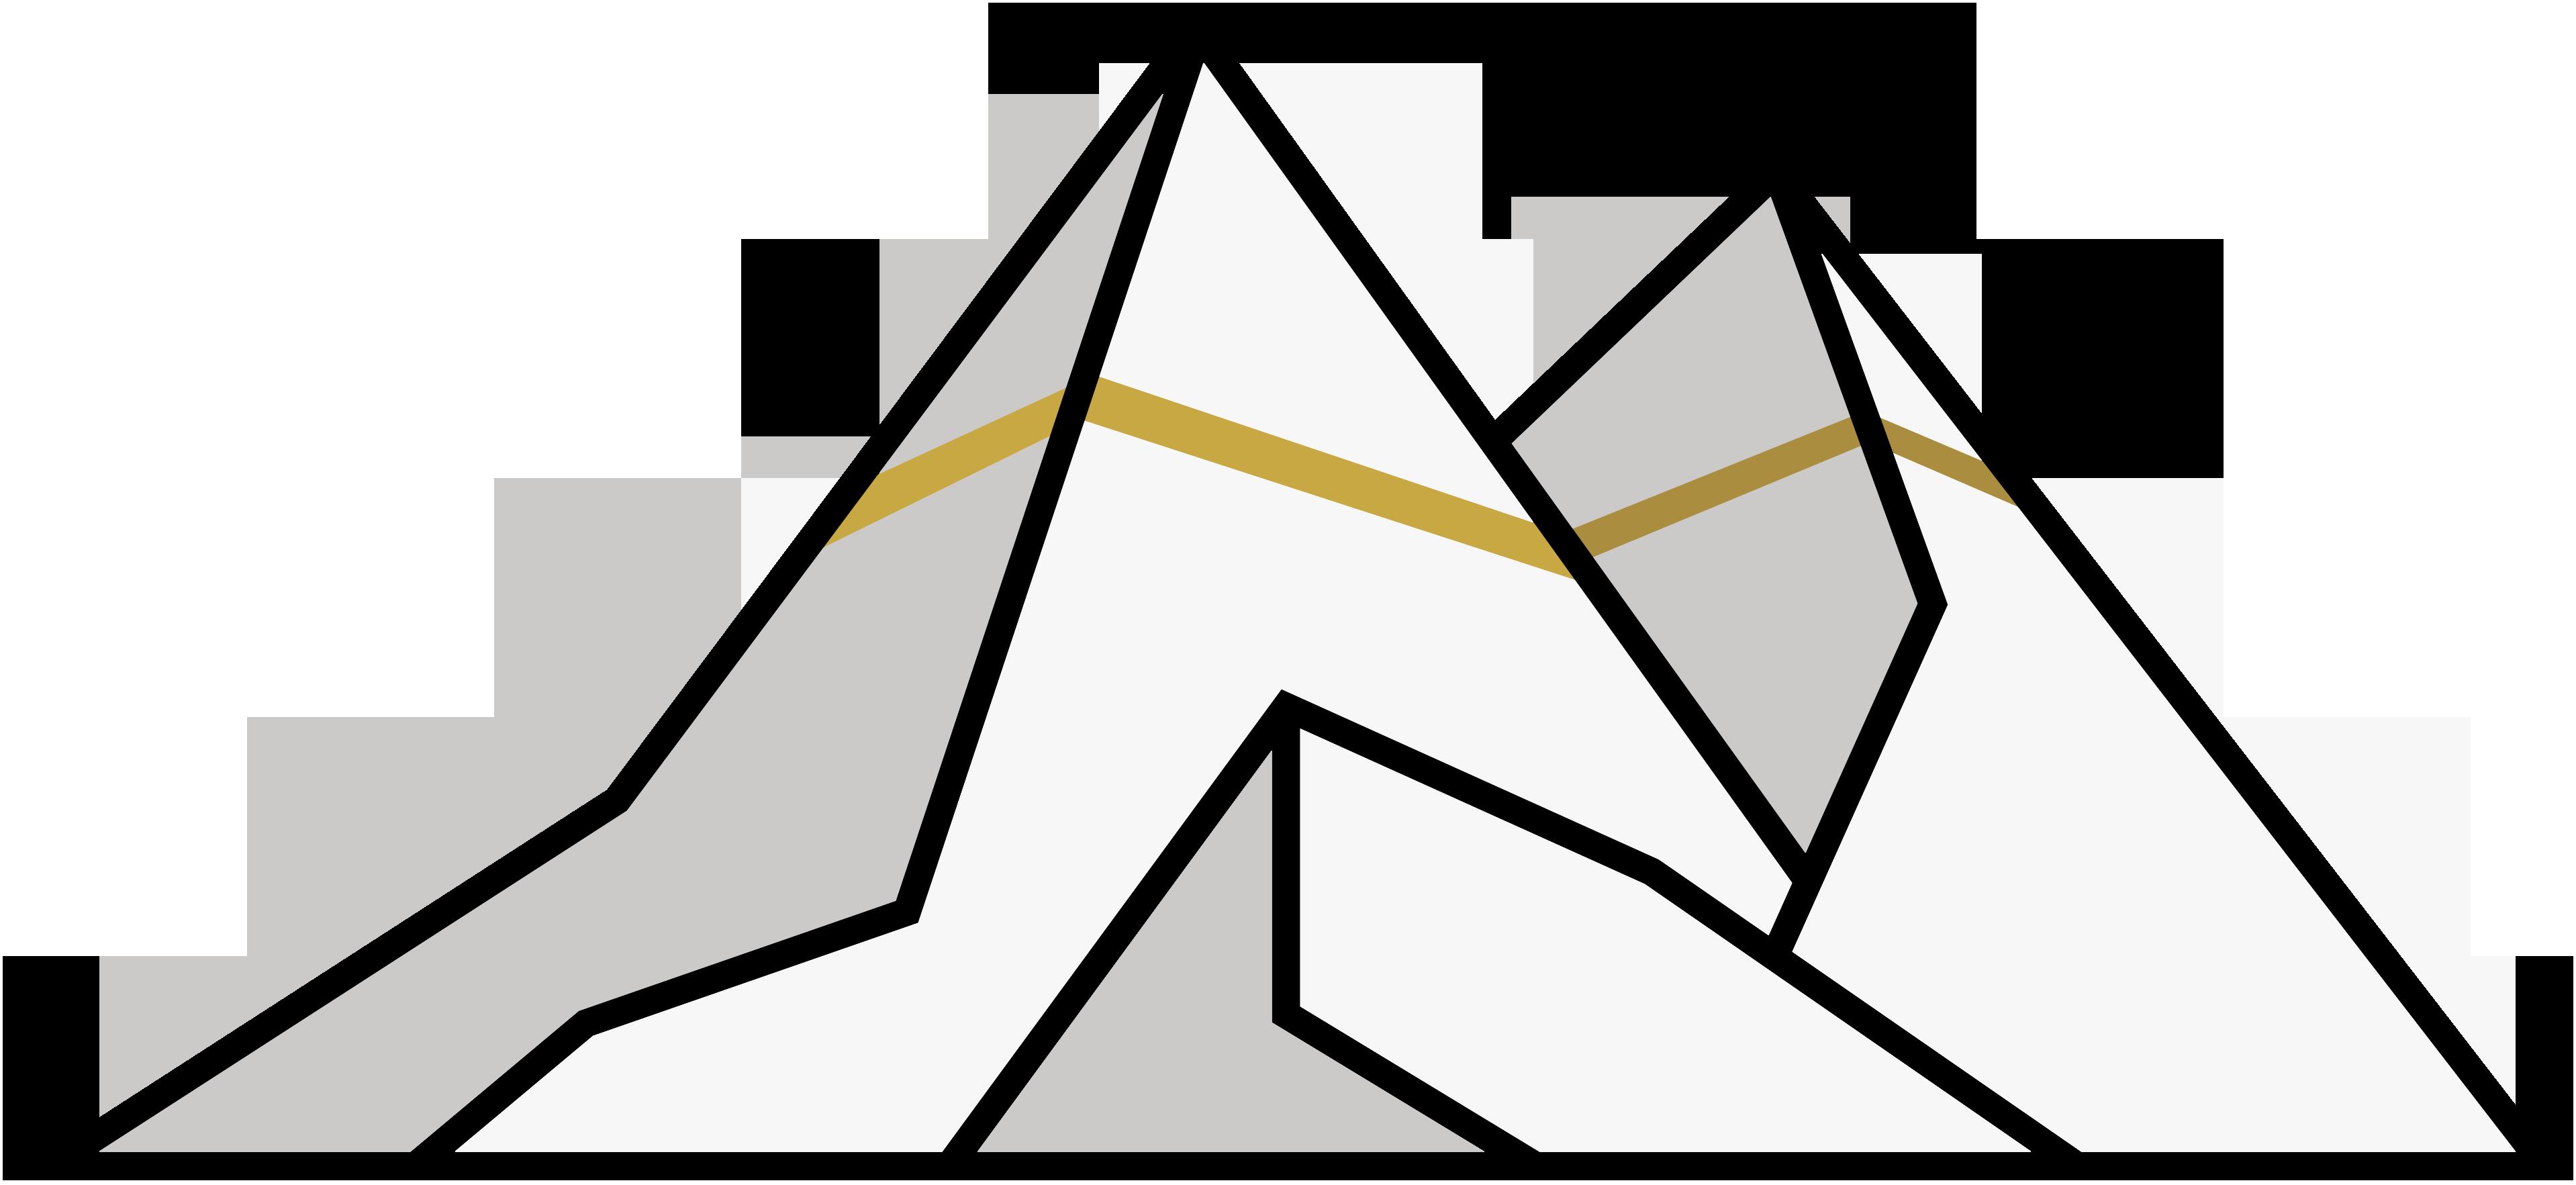 snowline gold corp